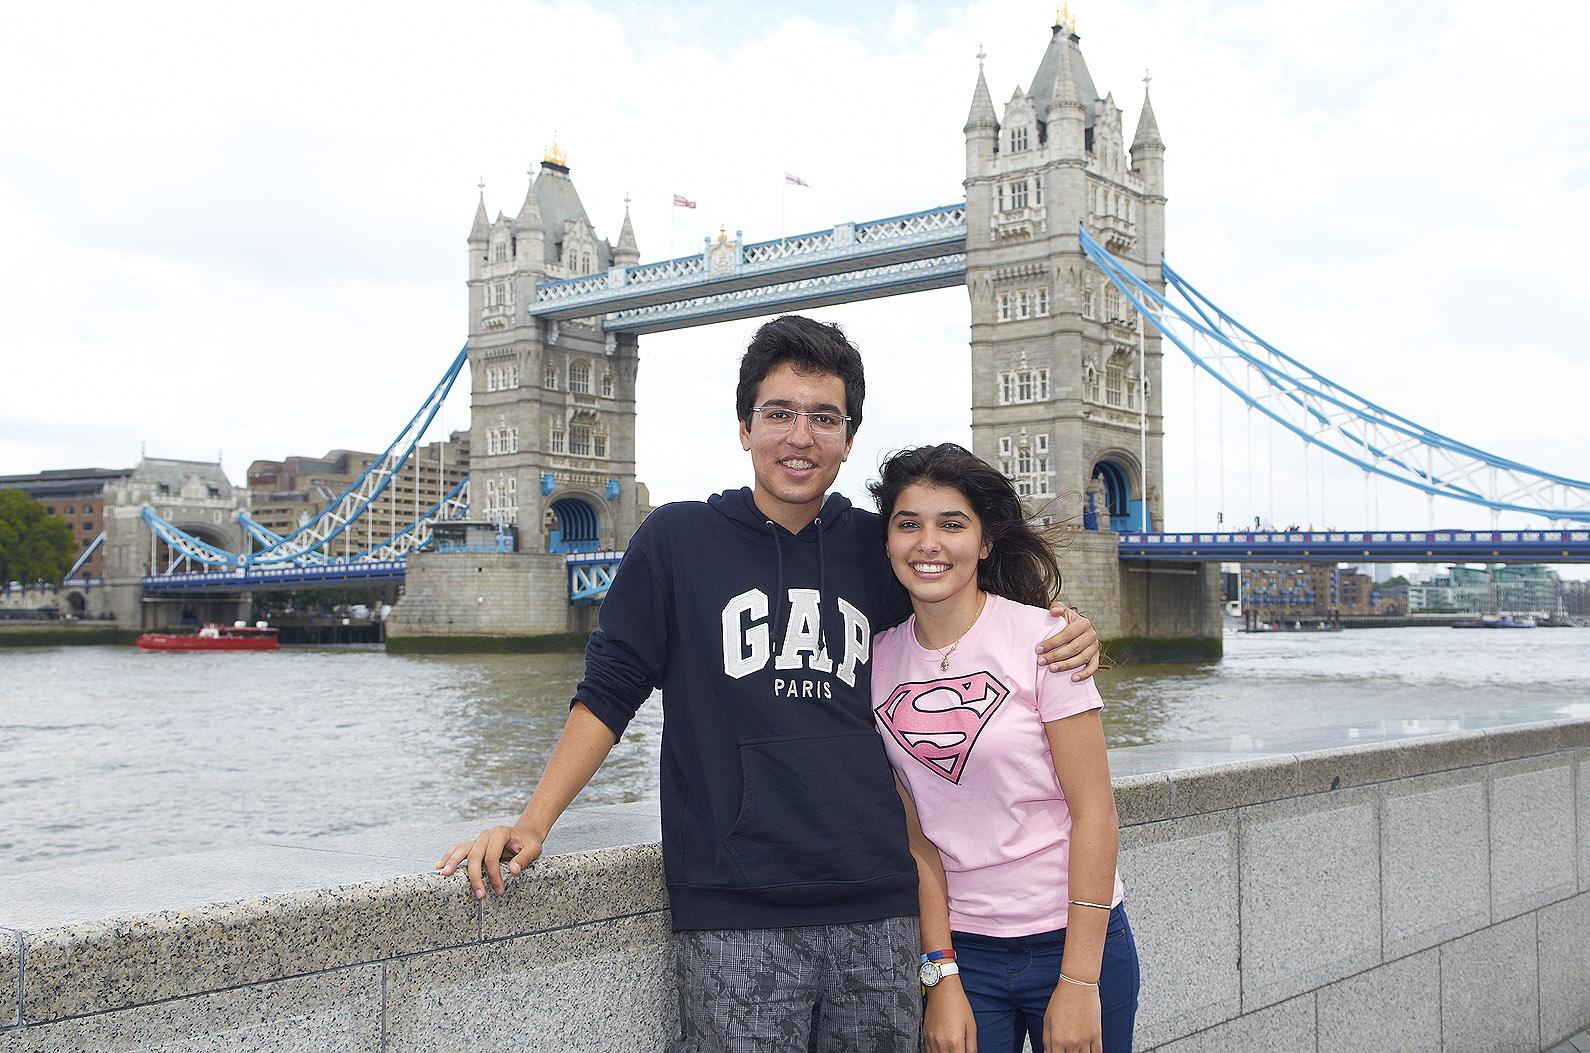 London_275.jpg